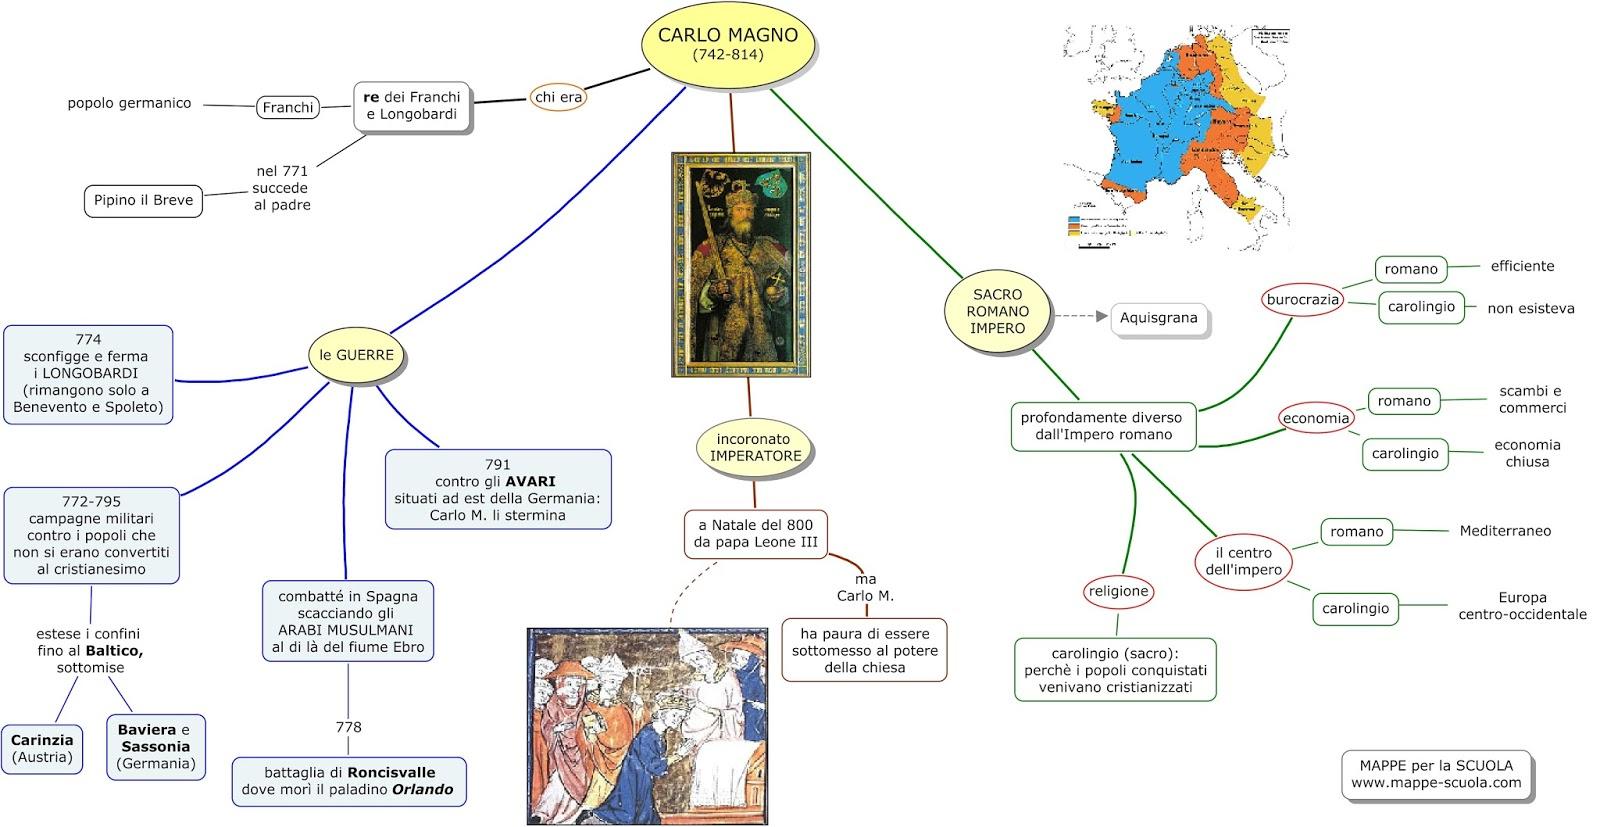 Preferenza MAPPE per la SCUOLA: CARLO MAGNO, L'IMPERO CAROLINGIO RF89